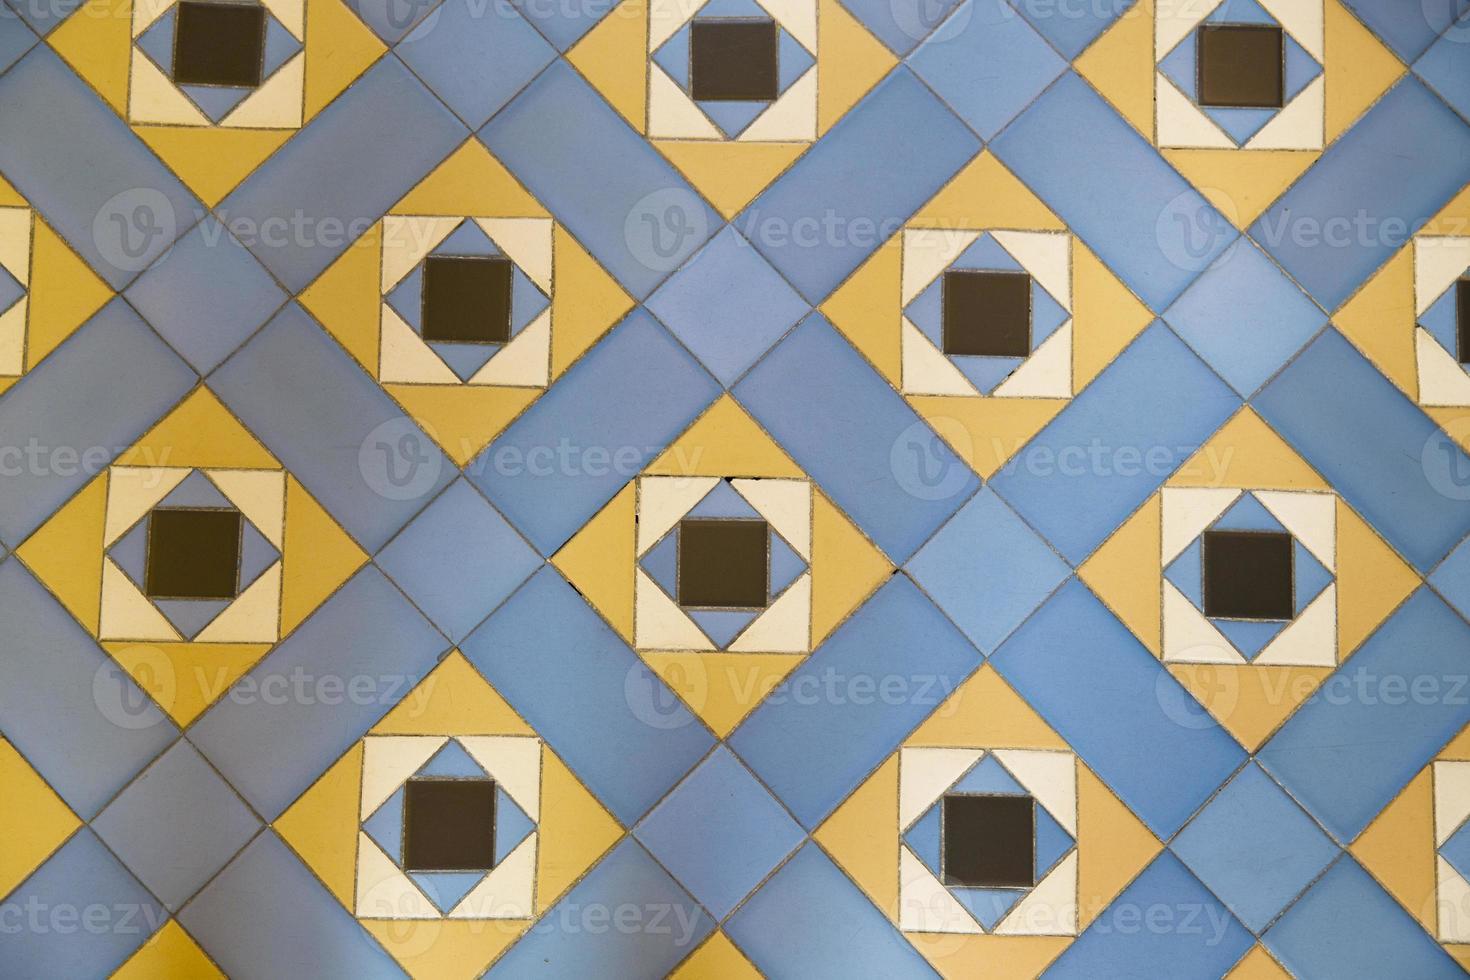 traditionele tegels van gevels van oude huizen foto